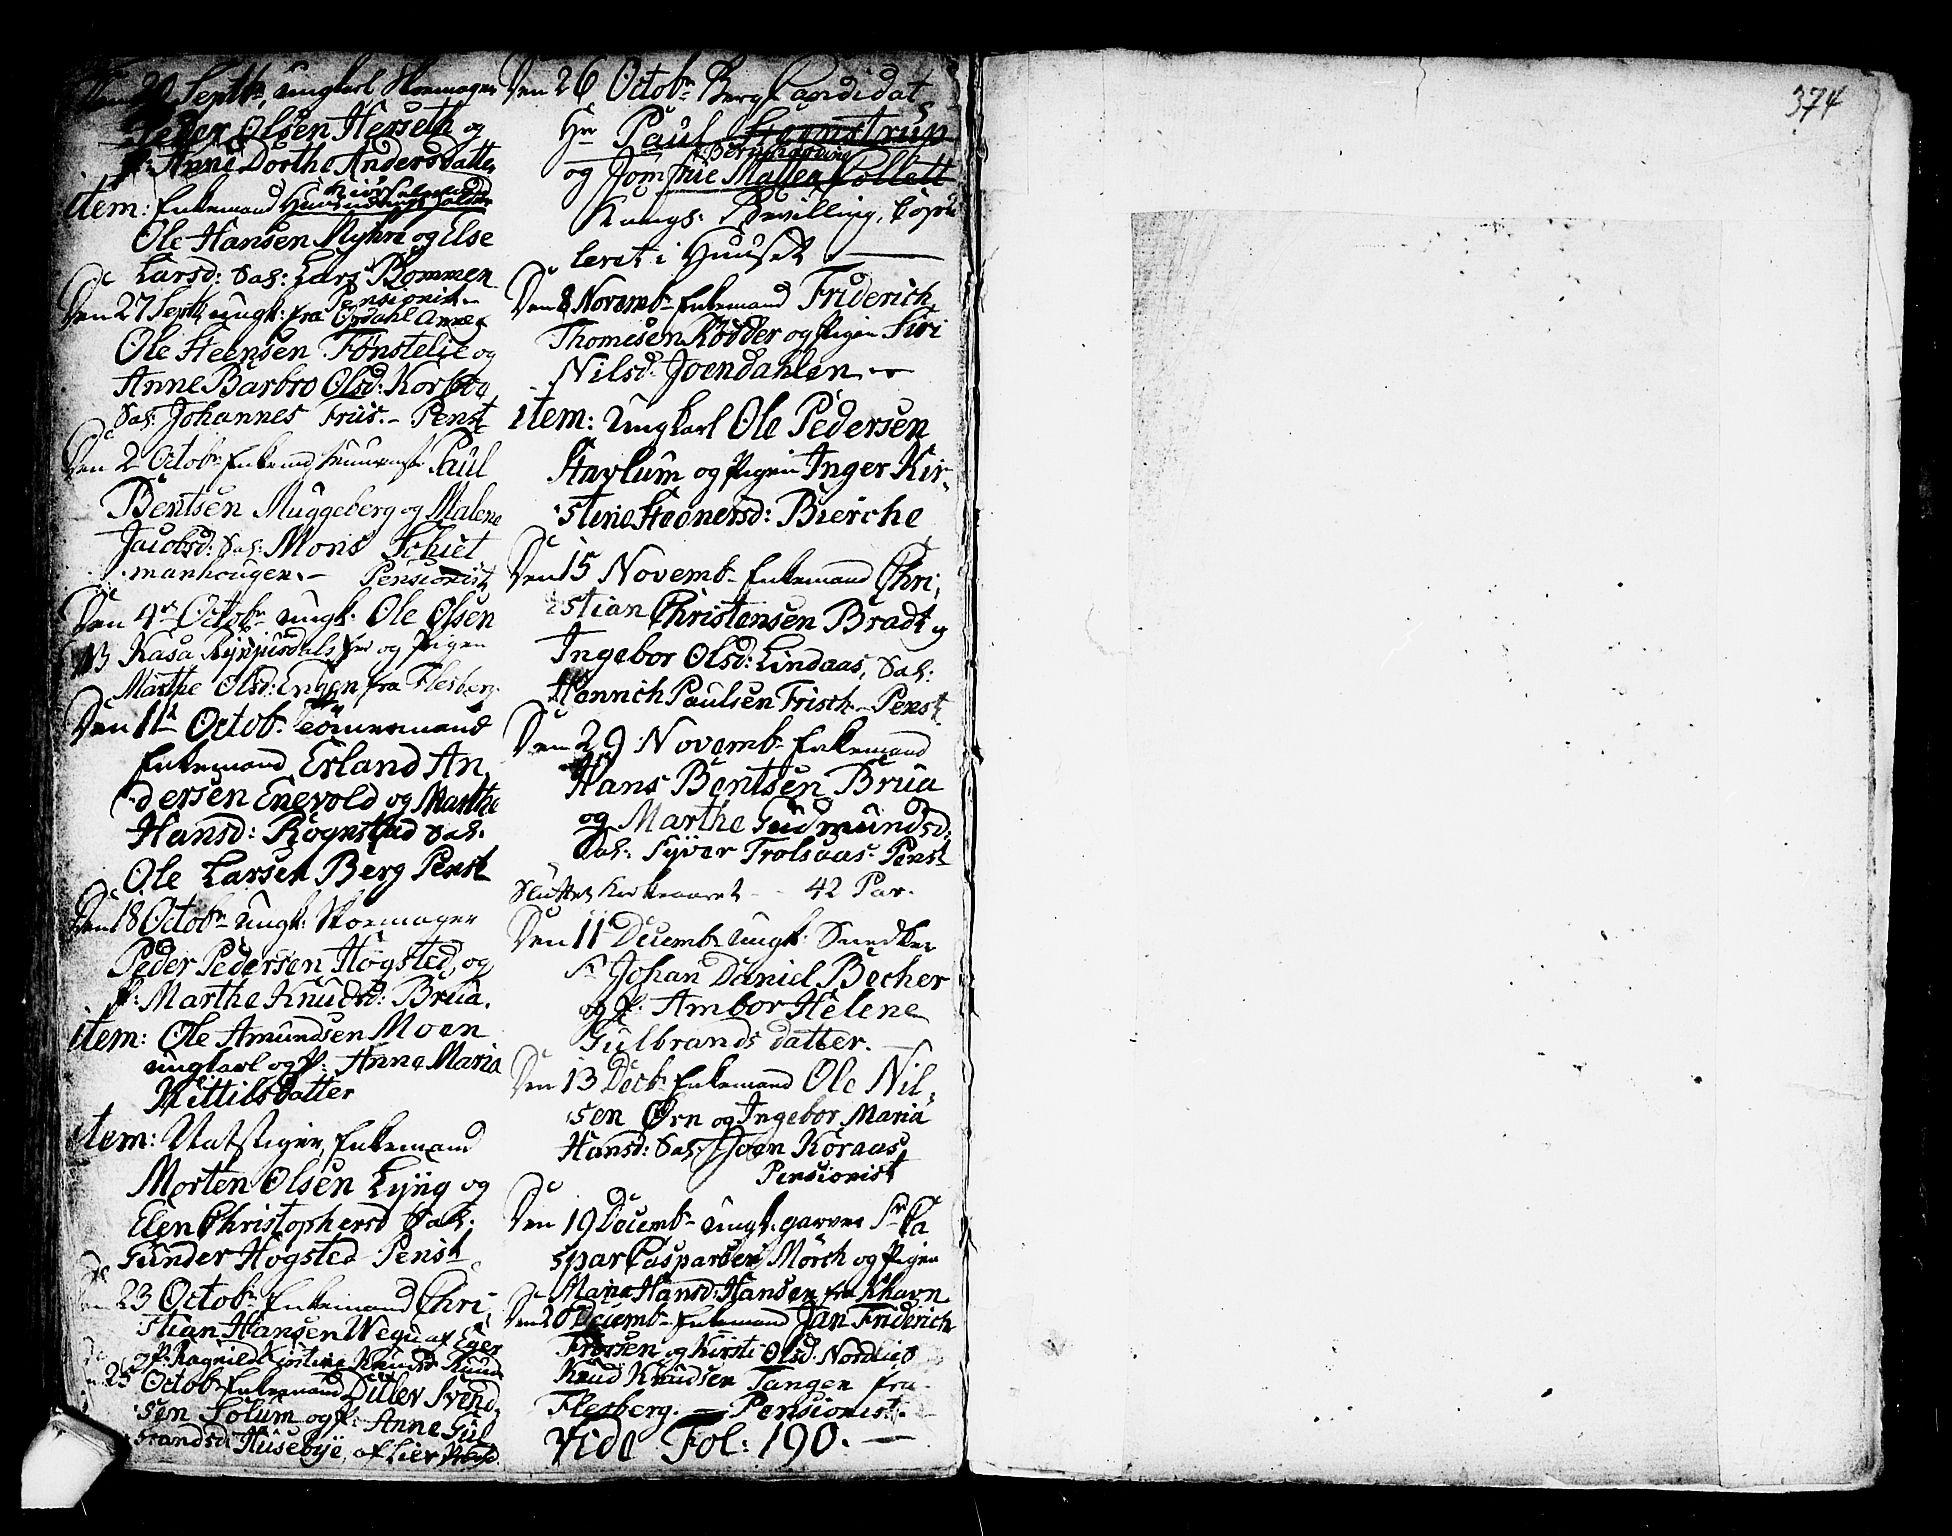 SAKO, Kongsberg kirkebøker, F/Fa/L0007: Ministerialbok nr. I 7, 1795-1816, s. 374